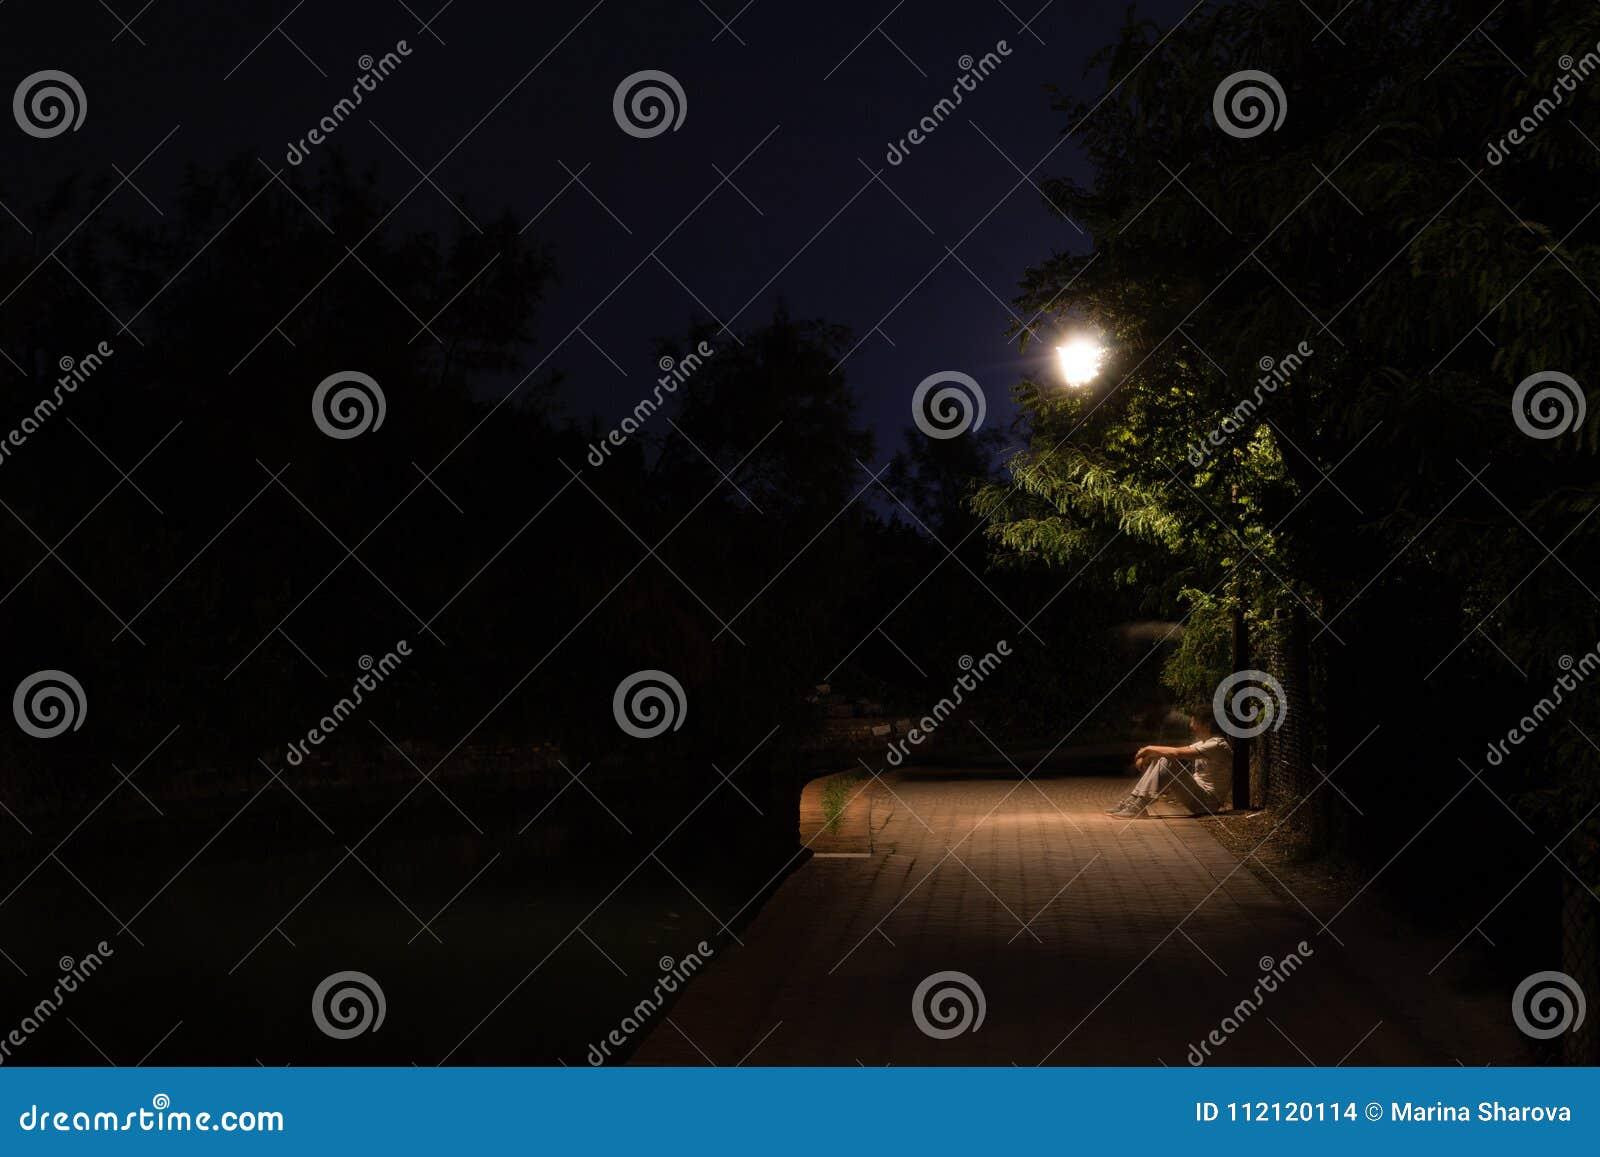 Scène de nuit de double exposition de l homme se reposant dans la rue sombre sous la lumière Les silhouettes masculines de recul